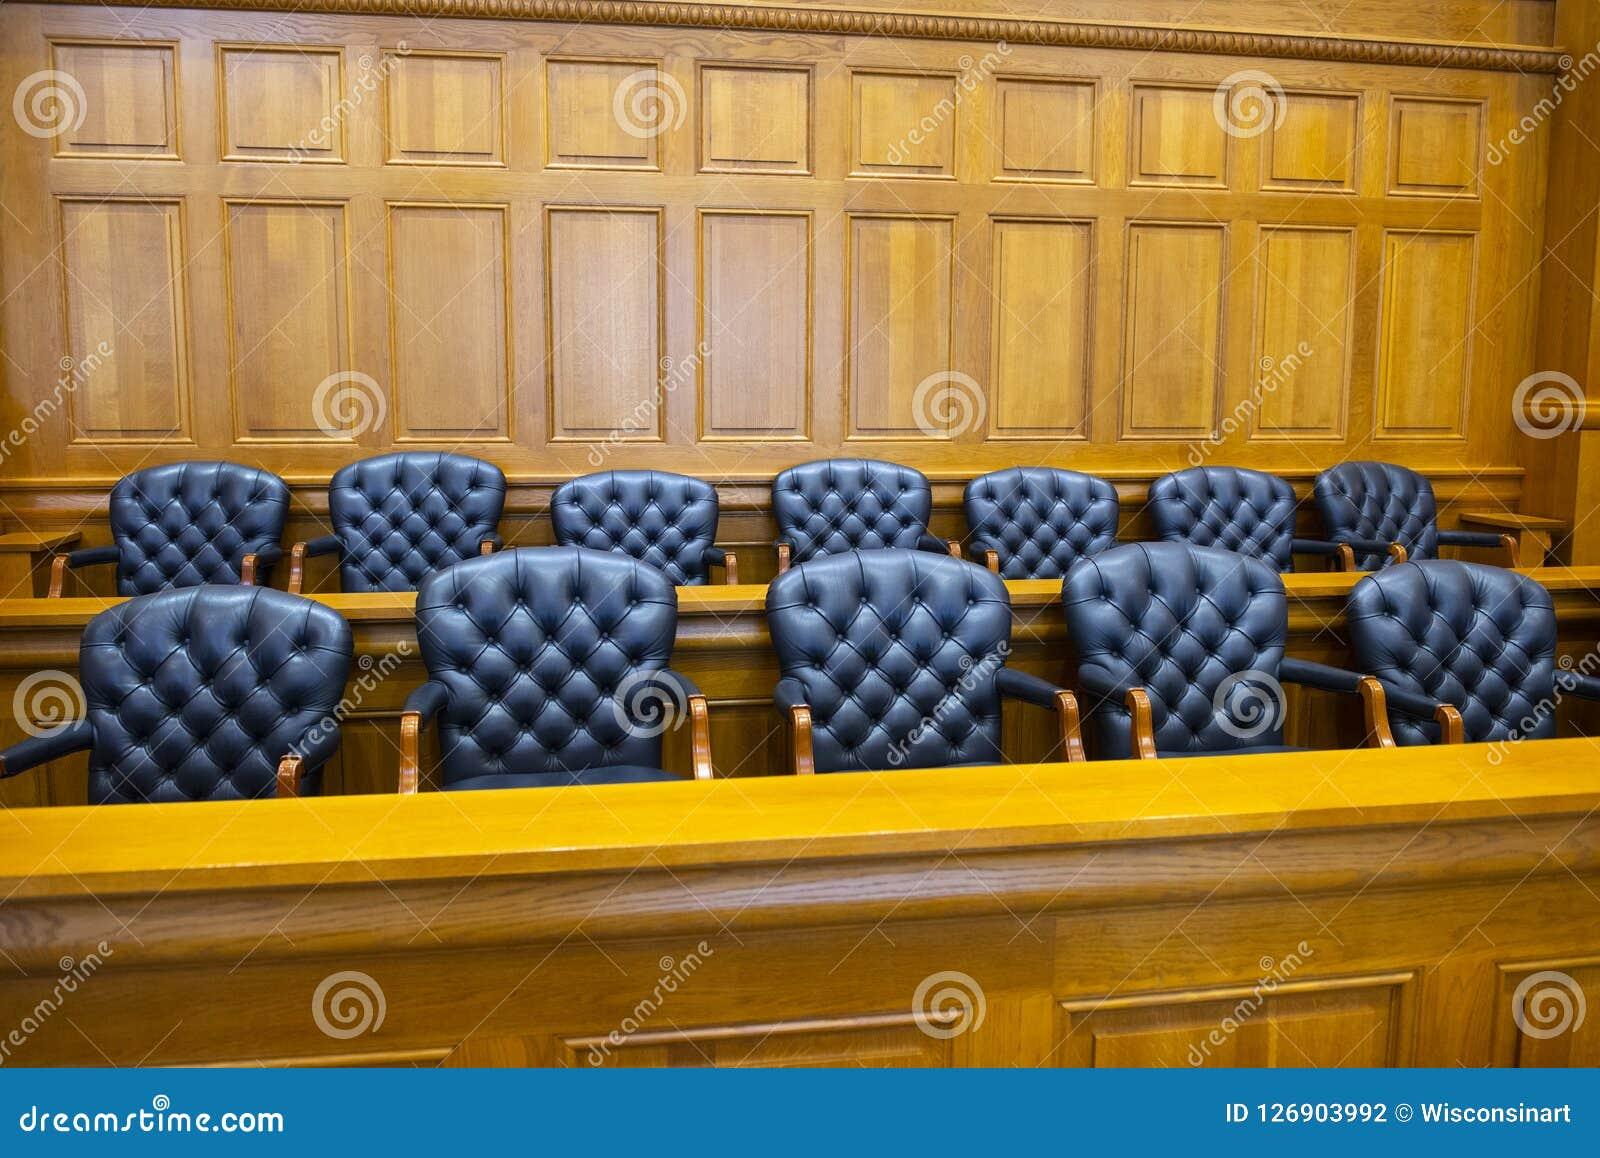 Caja del jurado, ley, legal, abogado, juez, sitio de la corte